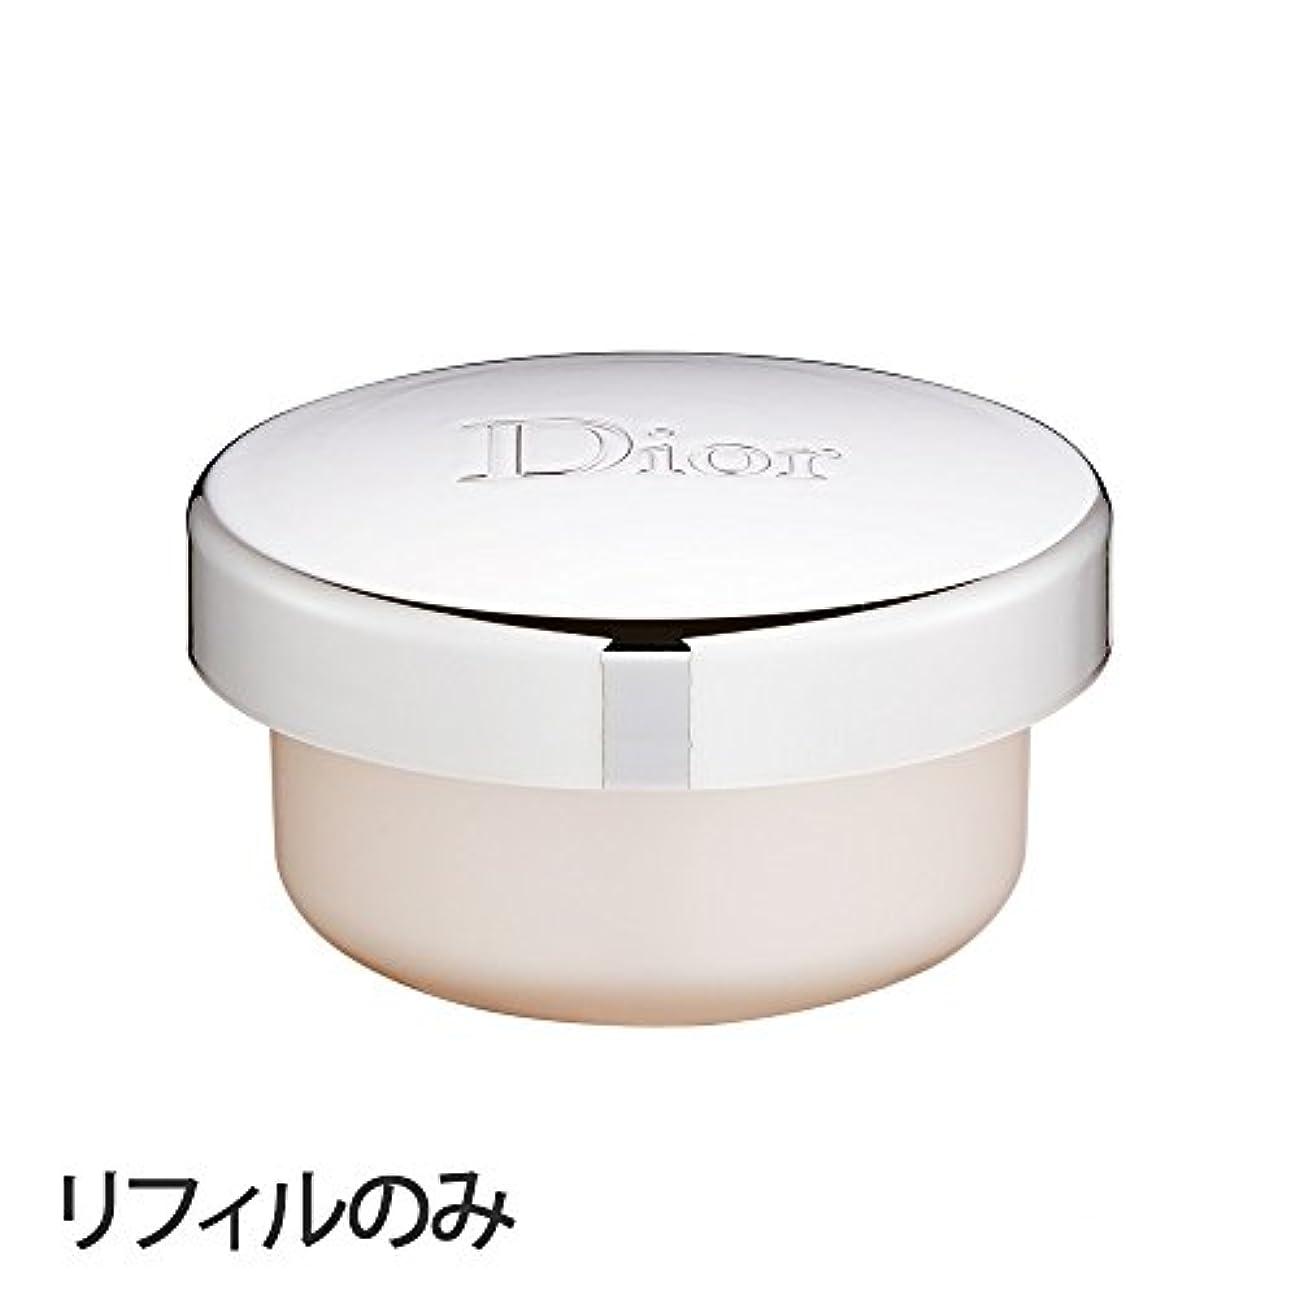 パレード防腐剤遺伝的ディオール(Dior) 【リフォルのみ】カプチュール トータル クリーム [並行輸入品]